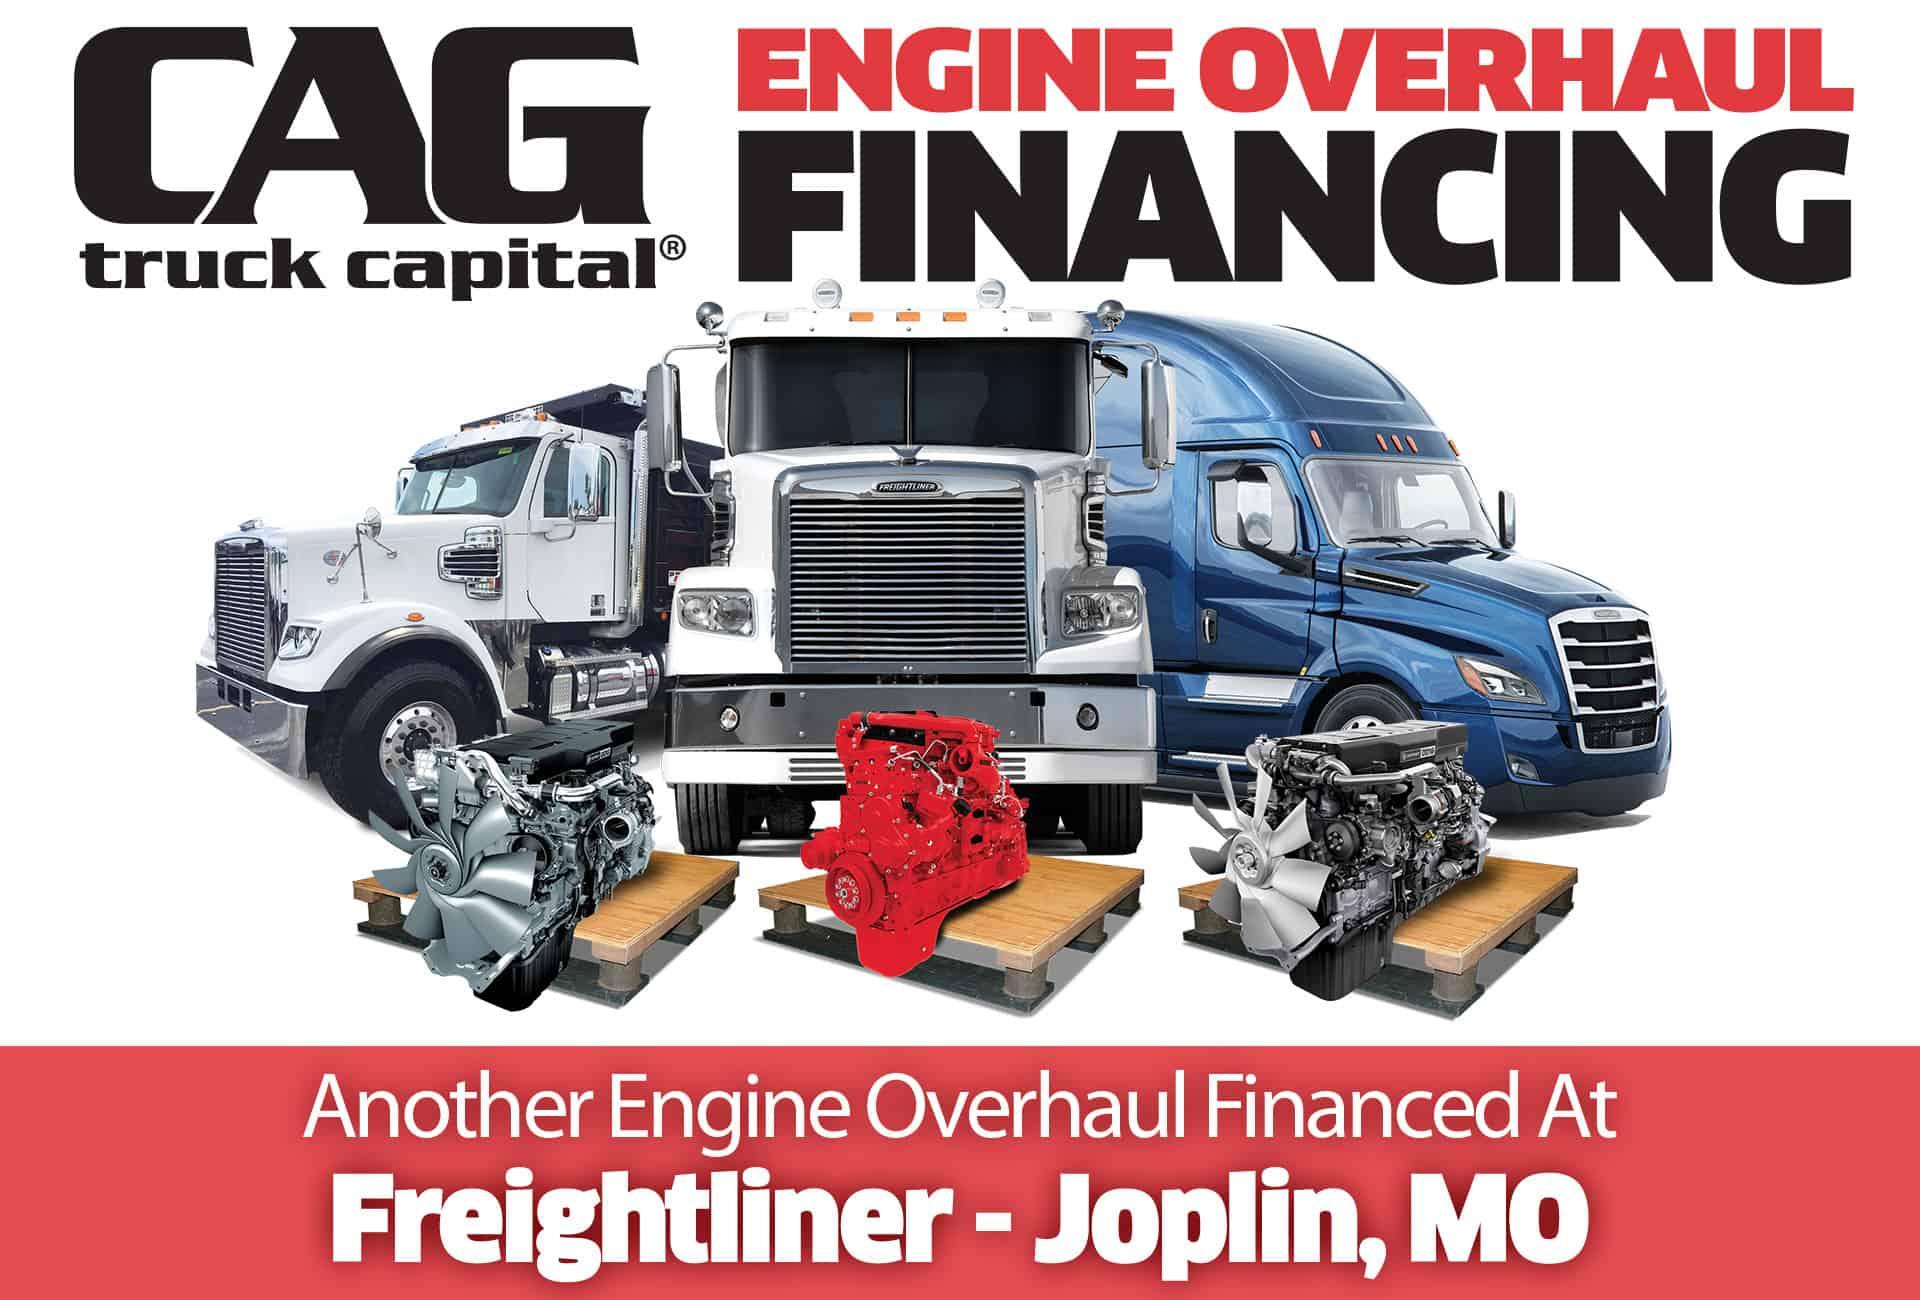 Freightliner Engine Overhauls In Joplin, MO